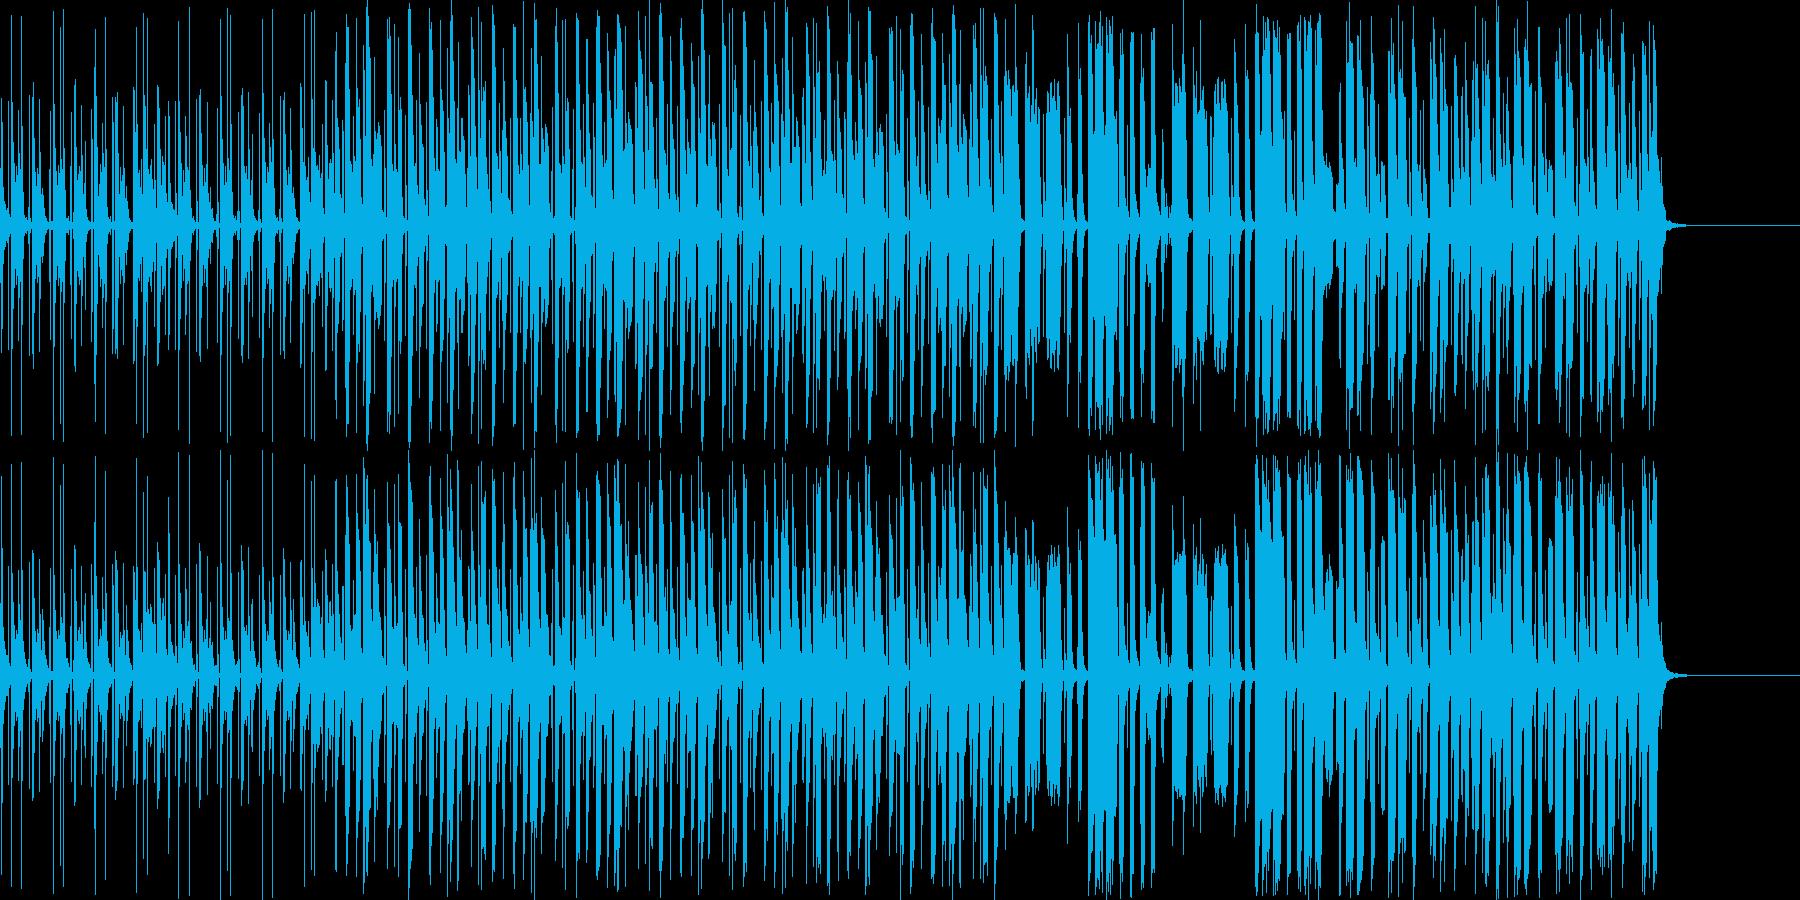 【フル尺】おもちゃの音楽会、陽気なBGMの再生済みの波形